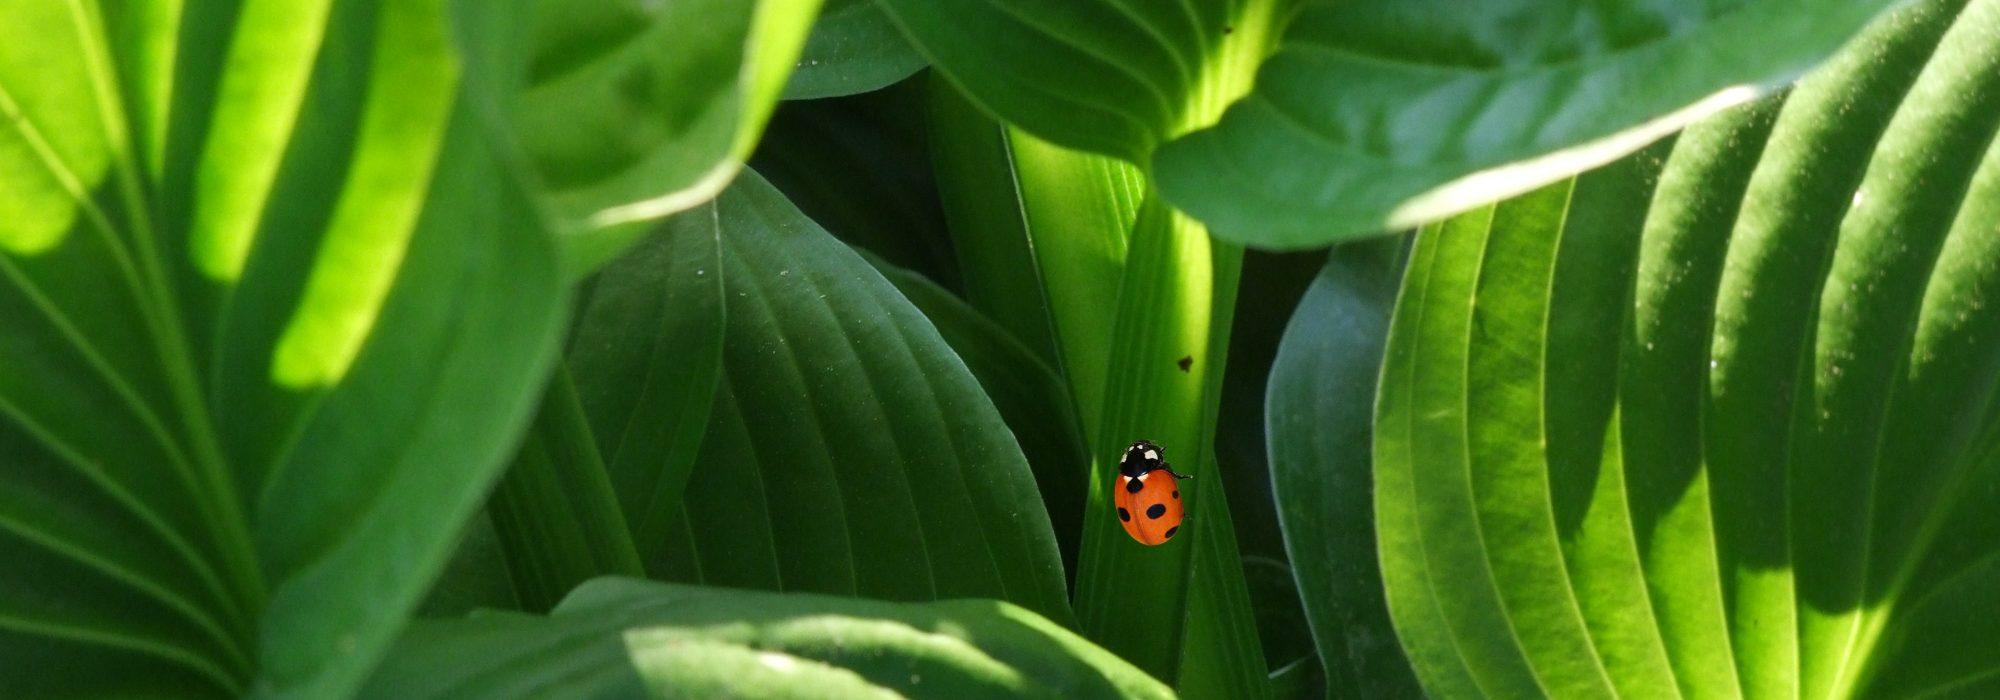 ladybug-beetle-plant-ornamental-plant-66289.jpeg